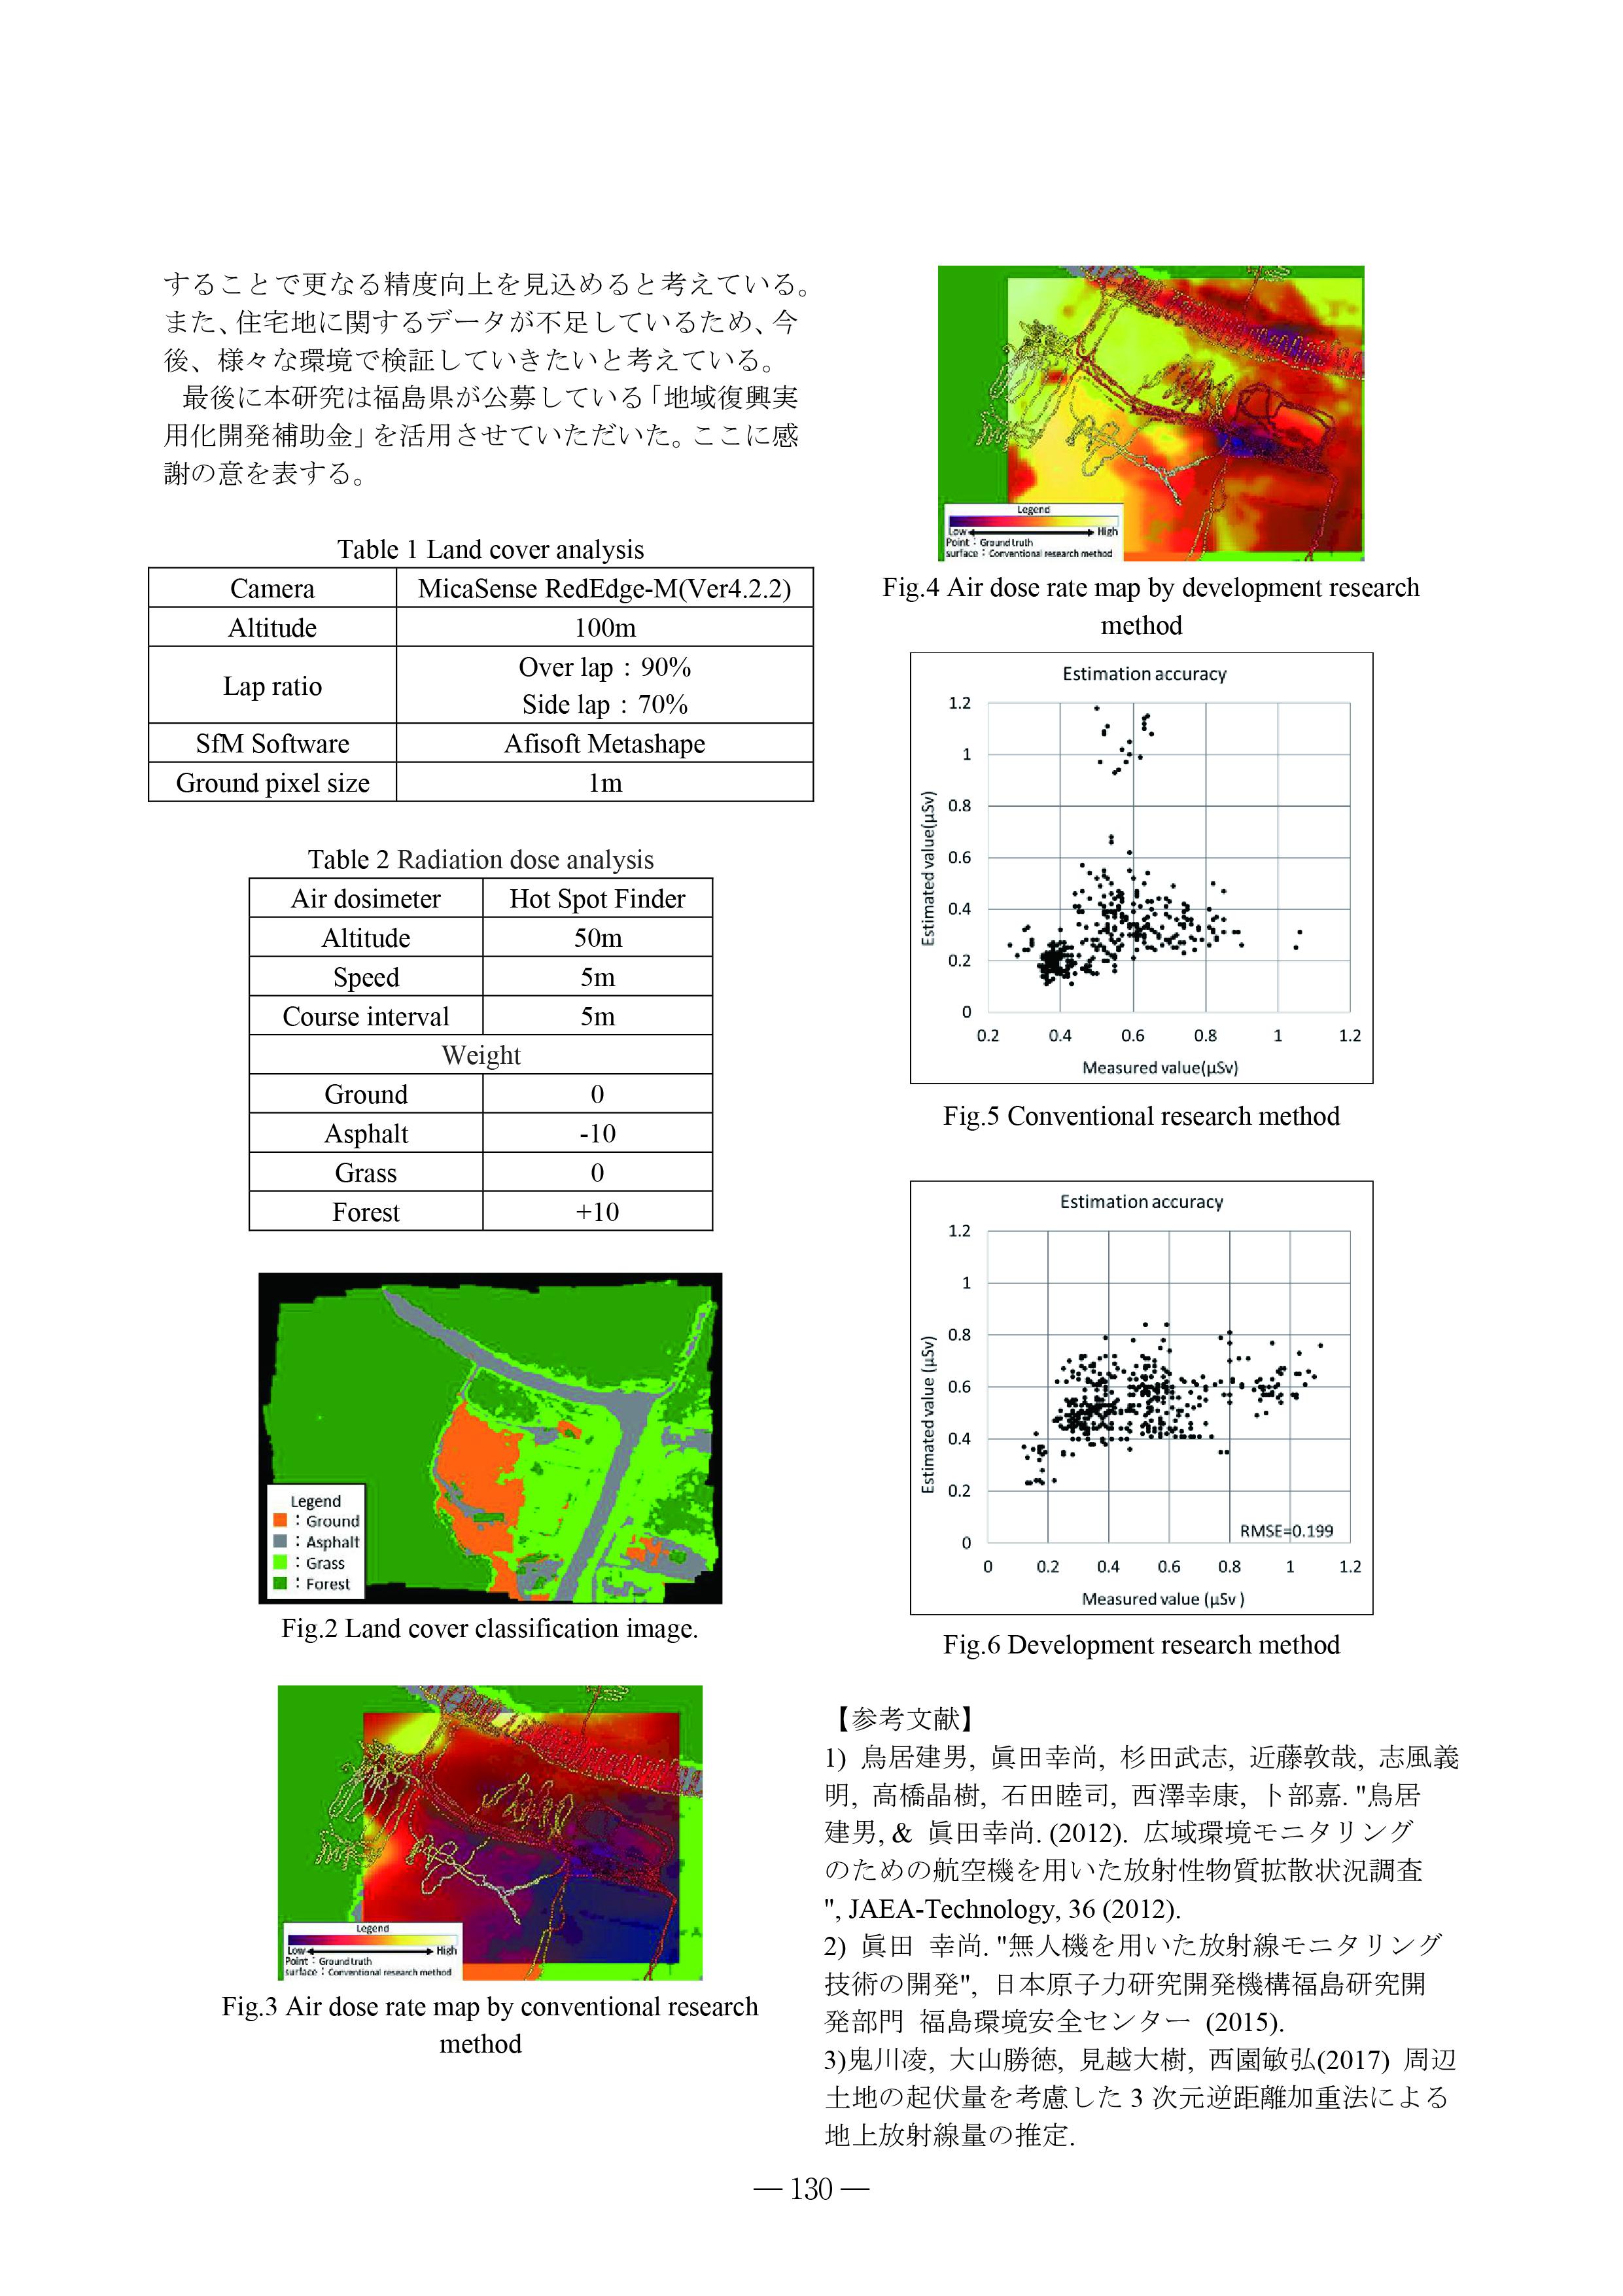 ドローン研究に関する論文紹介の画像